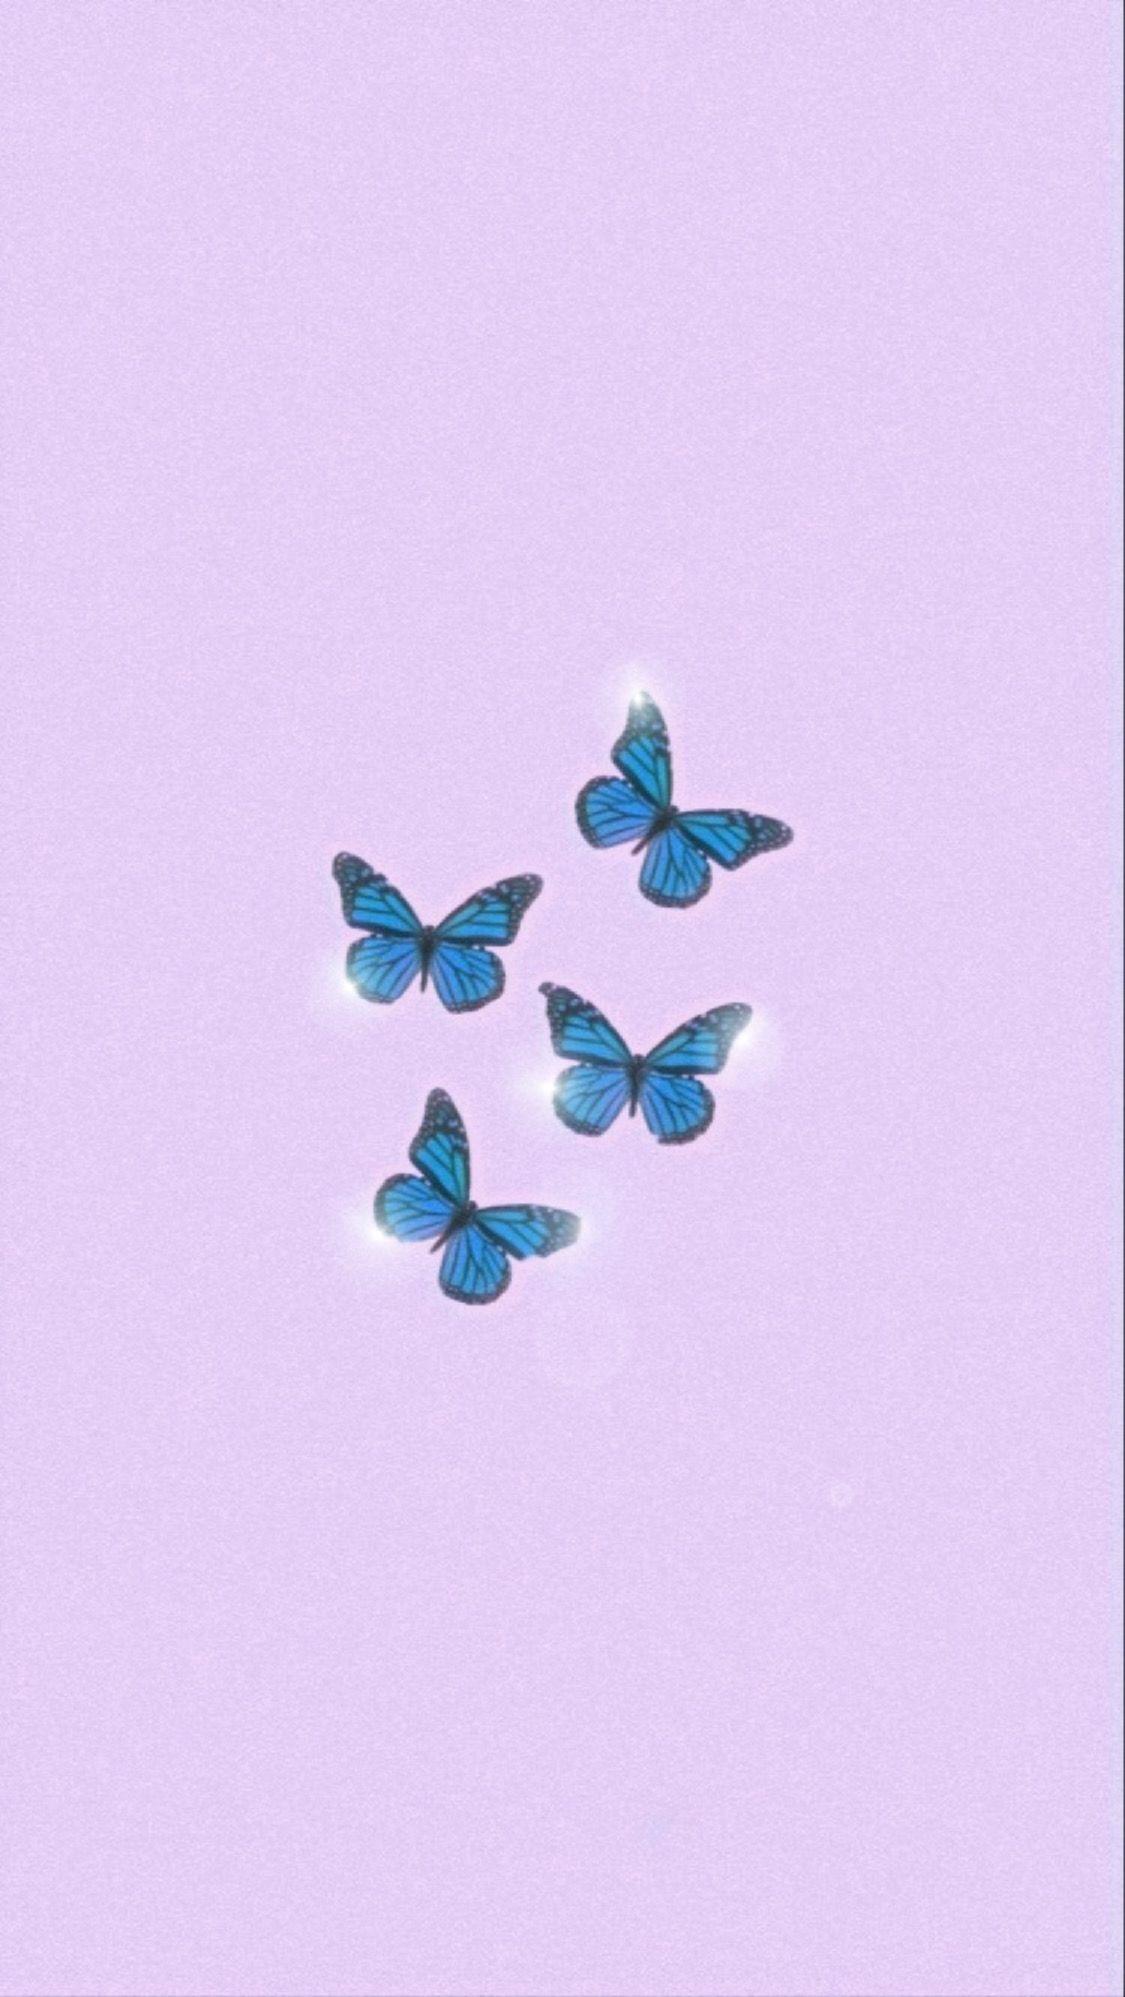 Butterflies In 2020 Bling Wallpaper Purple Butterfly Wallpaper Iphone Wallpaper Tumblr Aesthetic